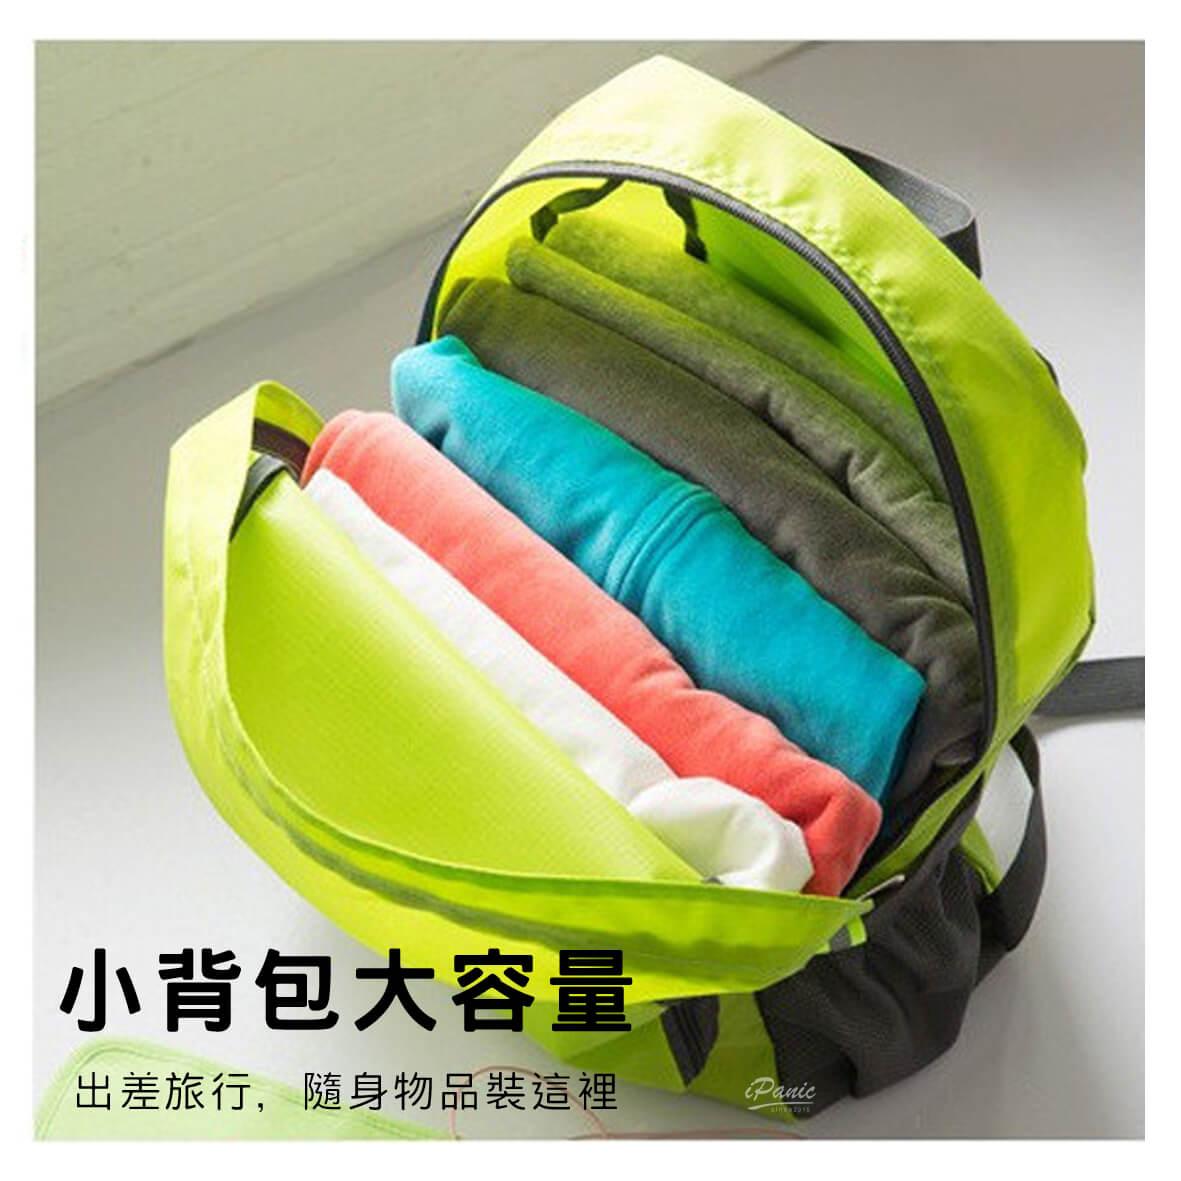 ROMIX 折疊雙肩 後背包 RH27 折疊包 休閒背包 折疊休閒包 折疊書包 休閒包 購物包 輕便背包 背包